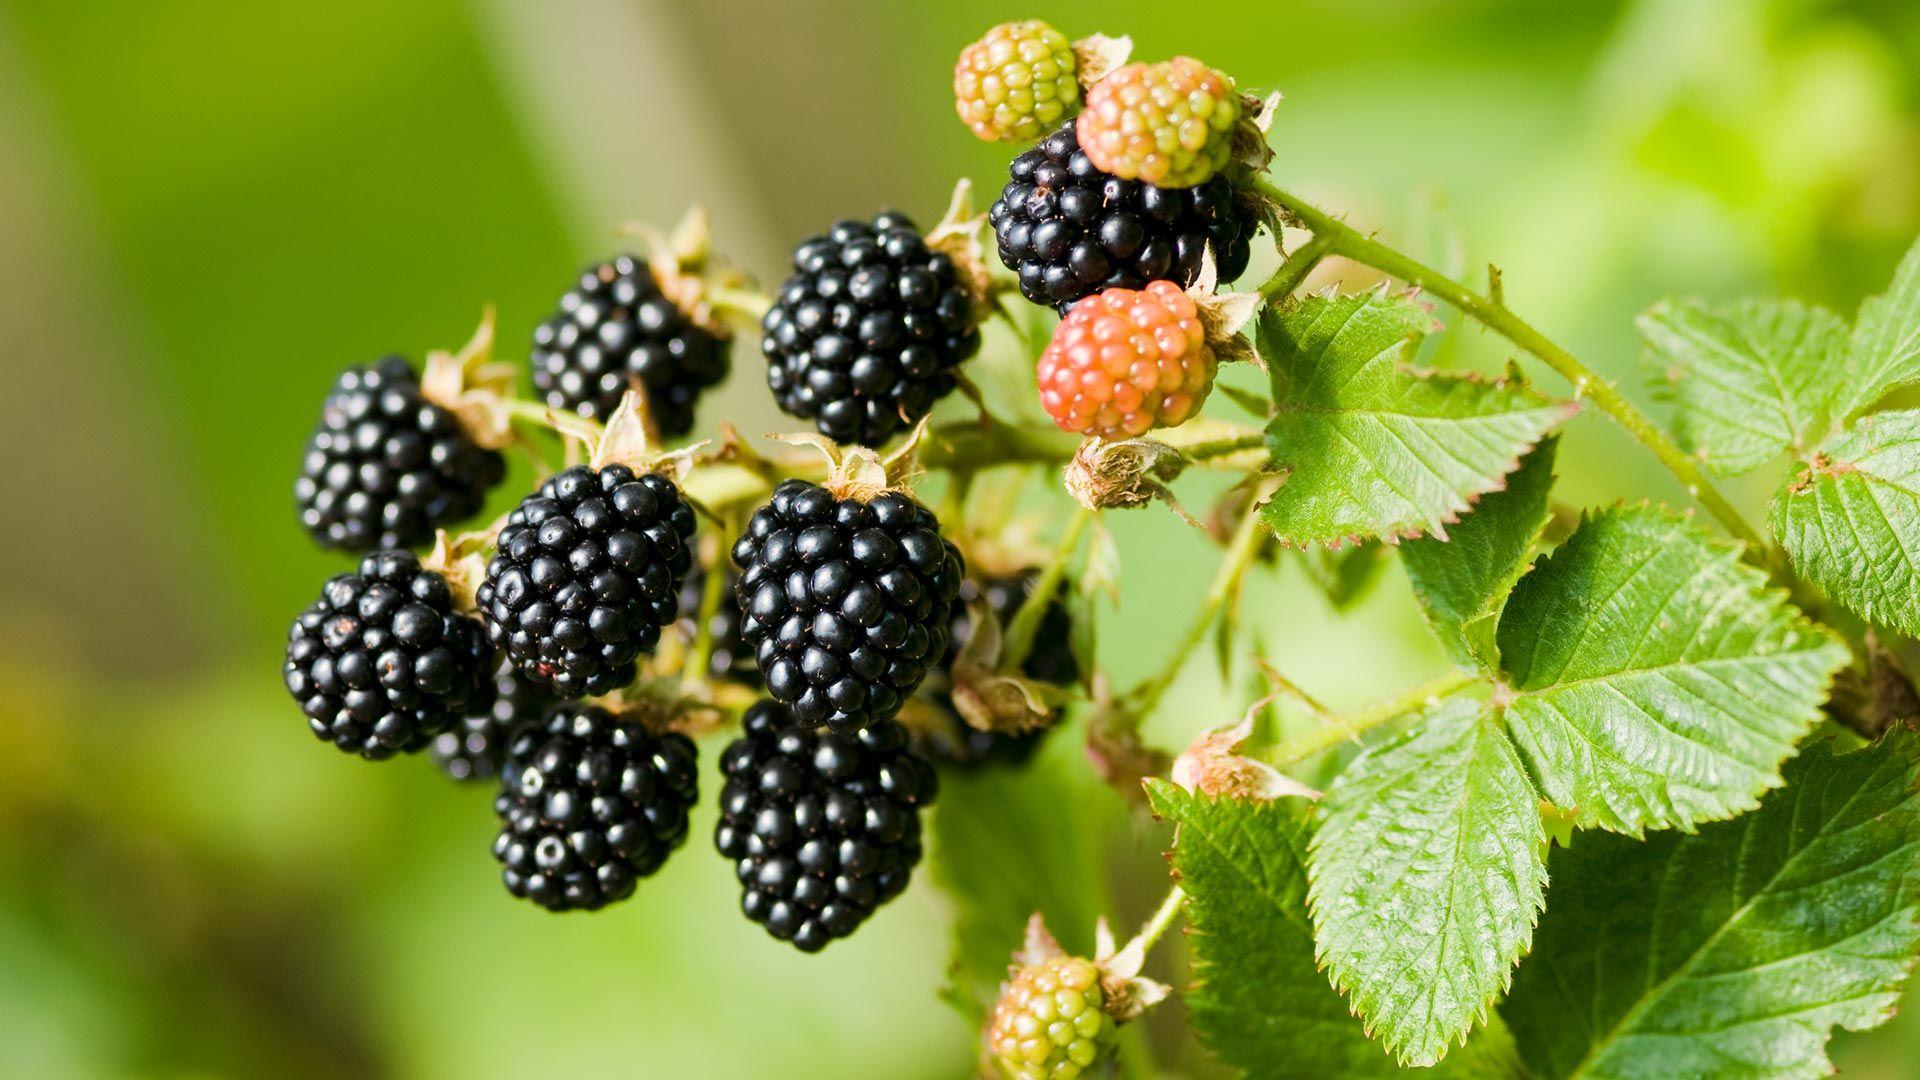 Zarzamora, cuidados y cultivo de la rubus fruticosus